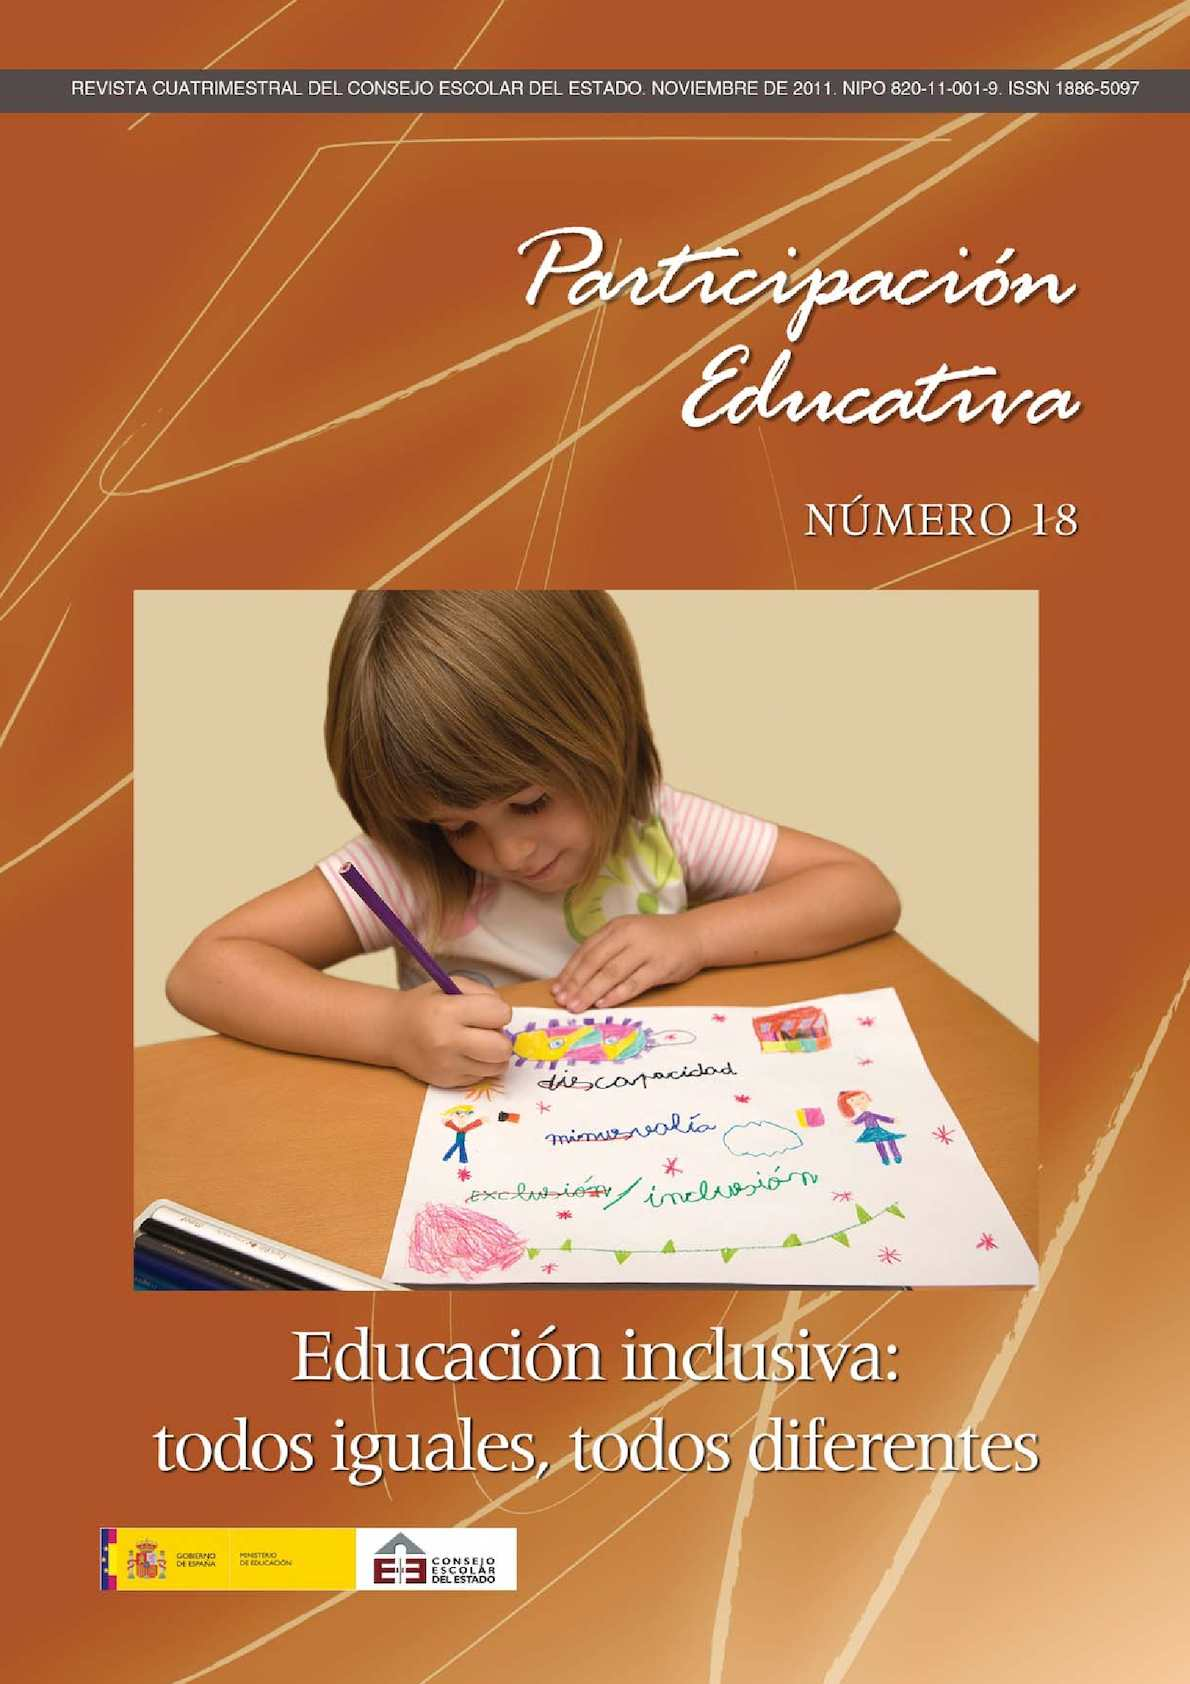 Calaméo - La Escuela Inclusiva Todos Iguales Todos Diferentes